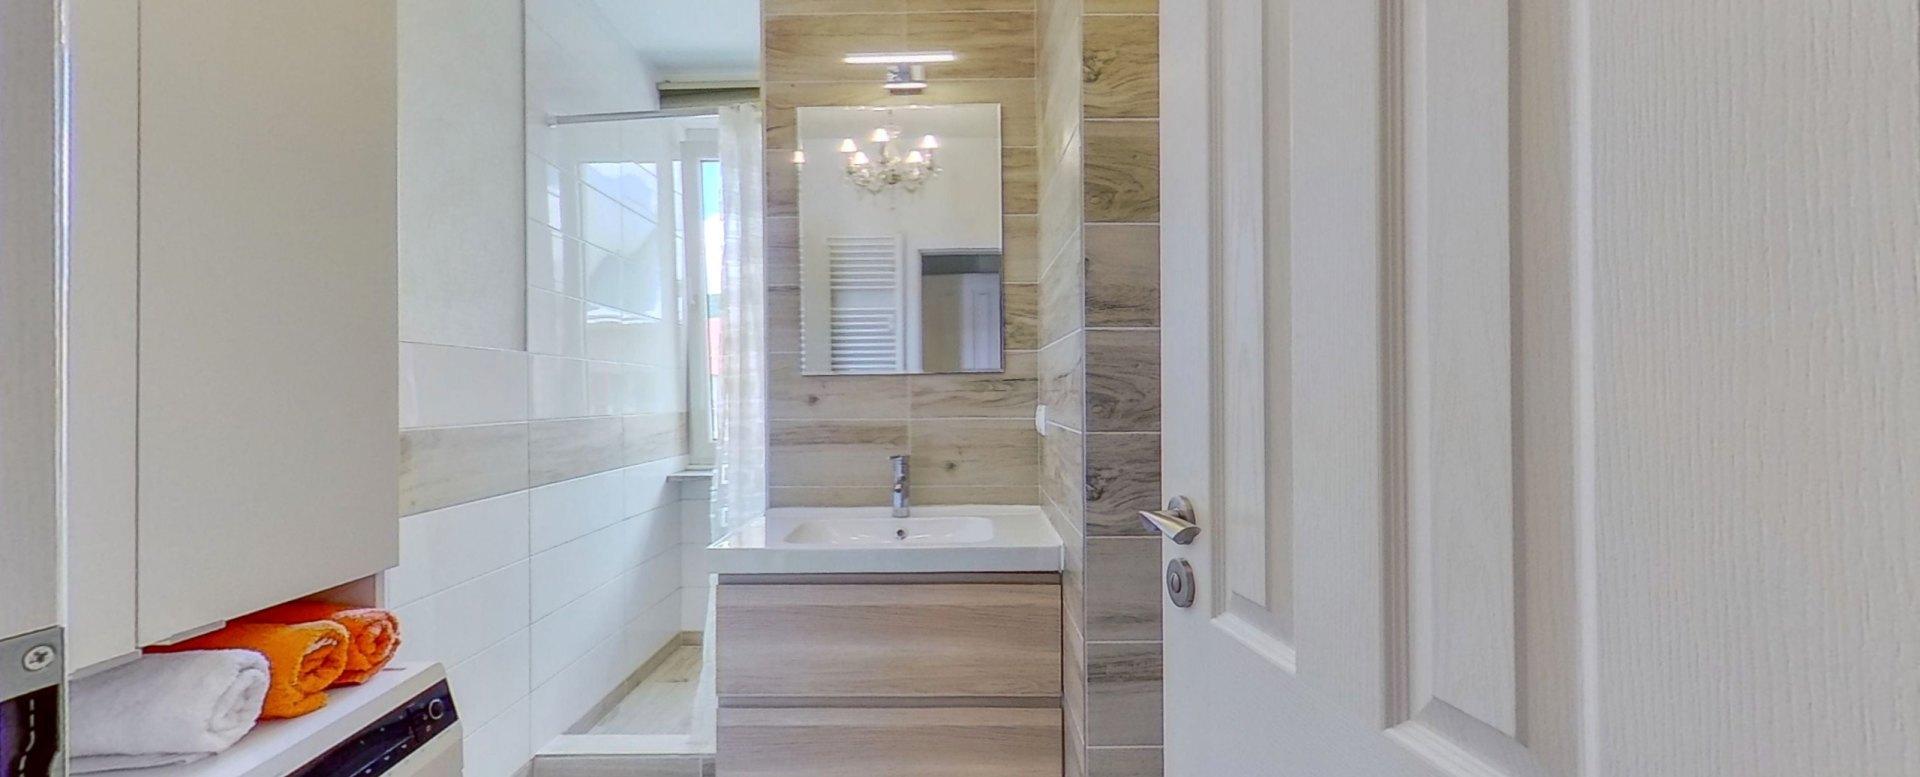 Kúpeľňa so sprchovým kútom a práčkou